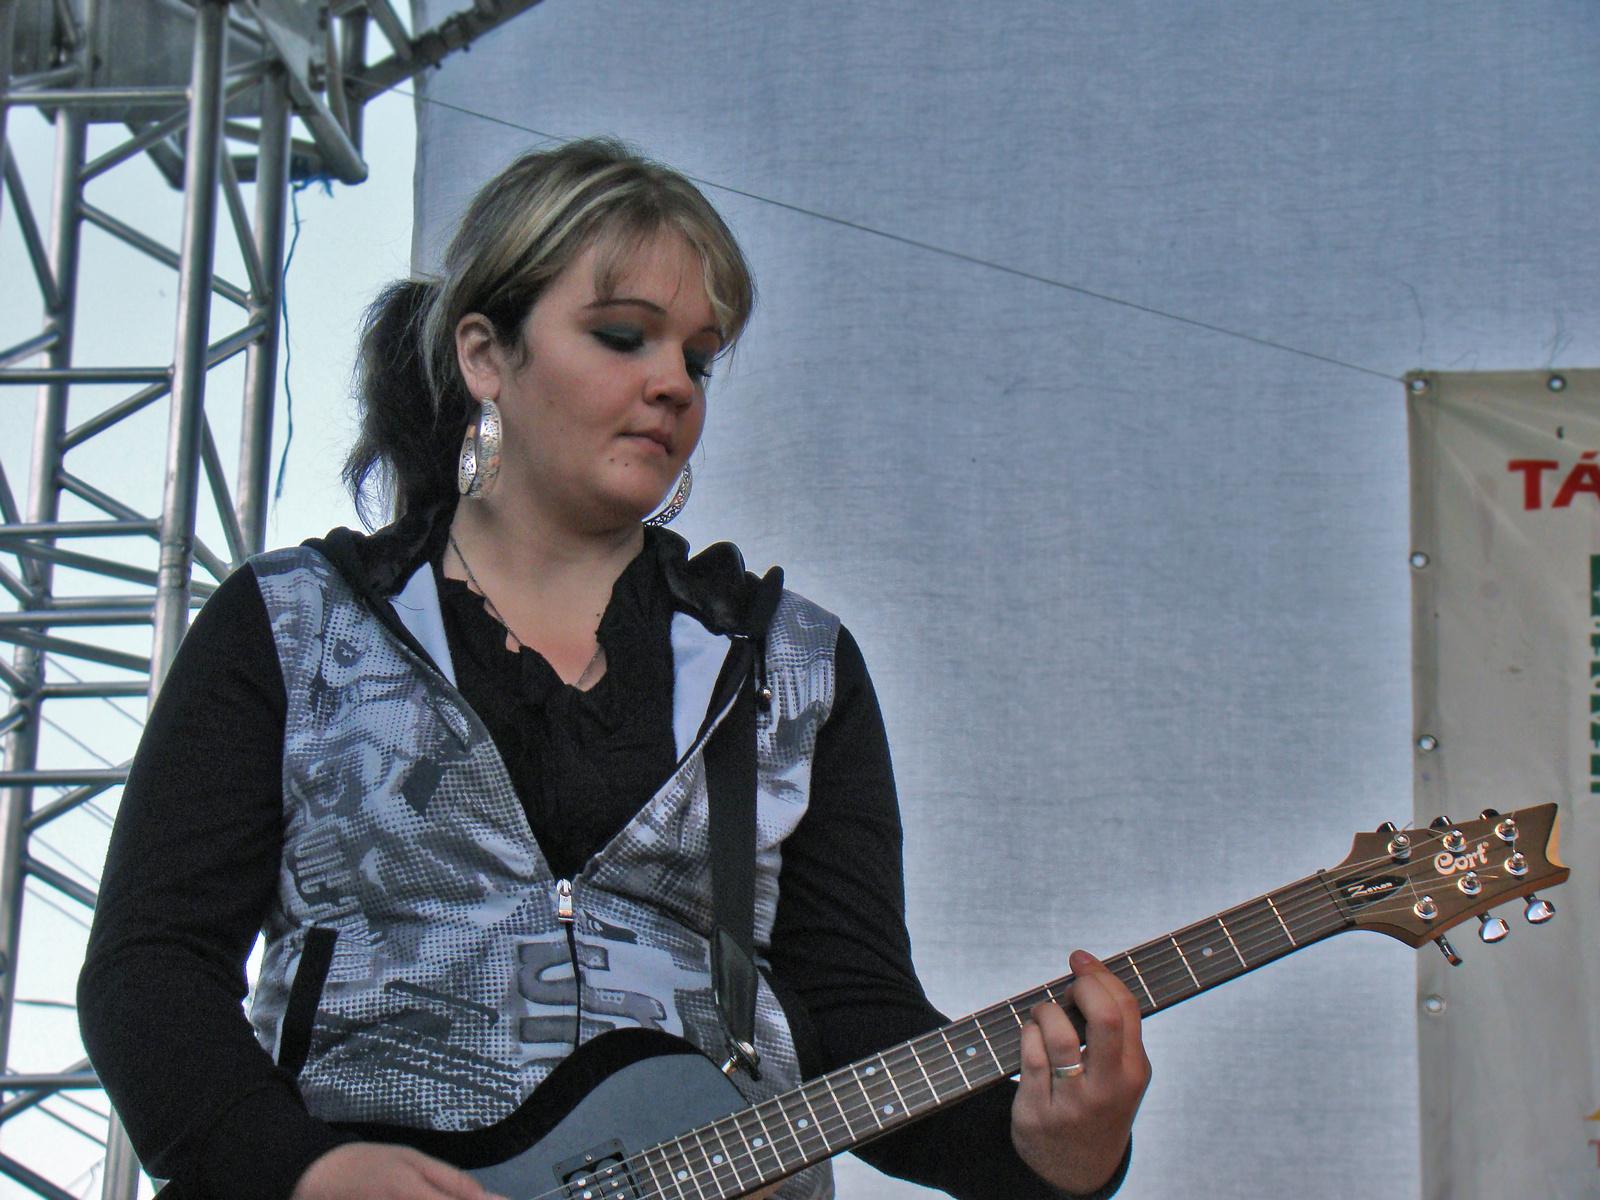 Réka, a szólógitáros